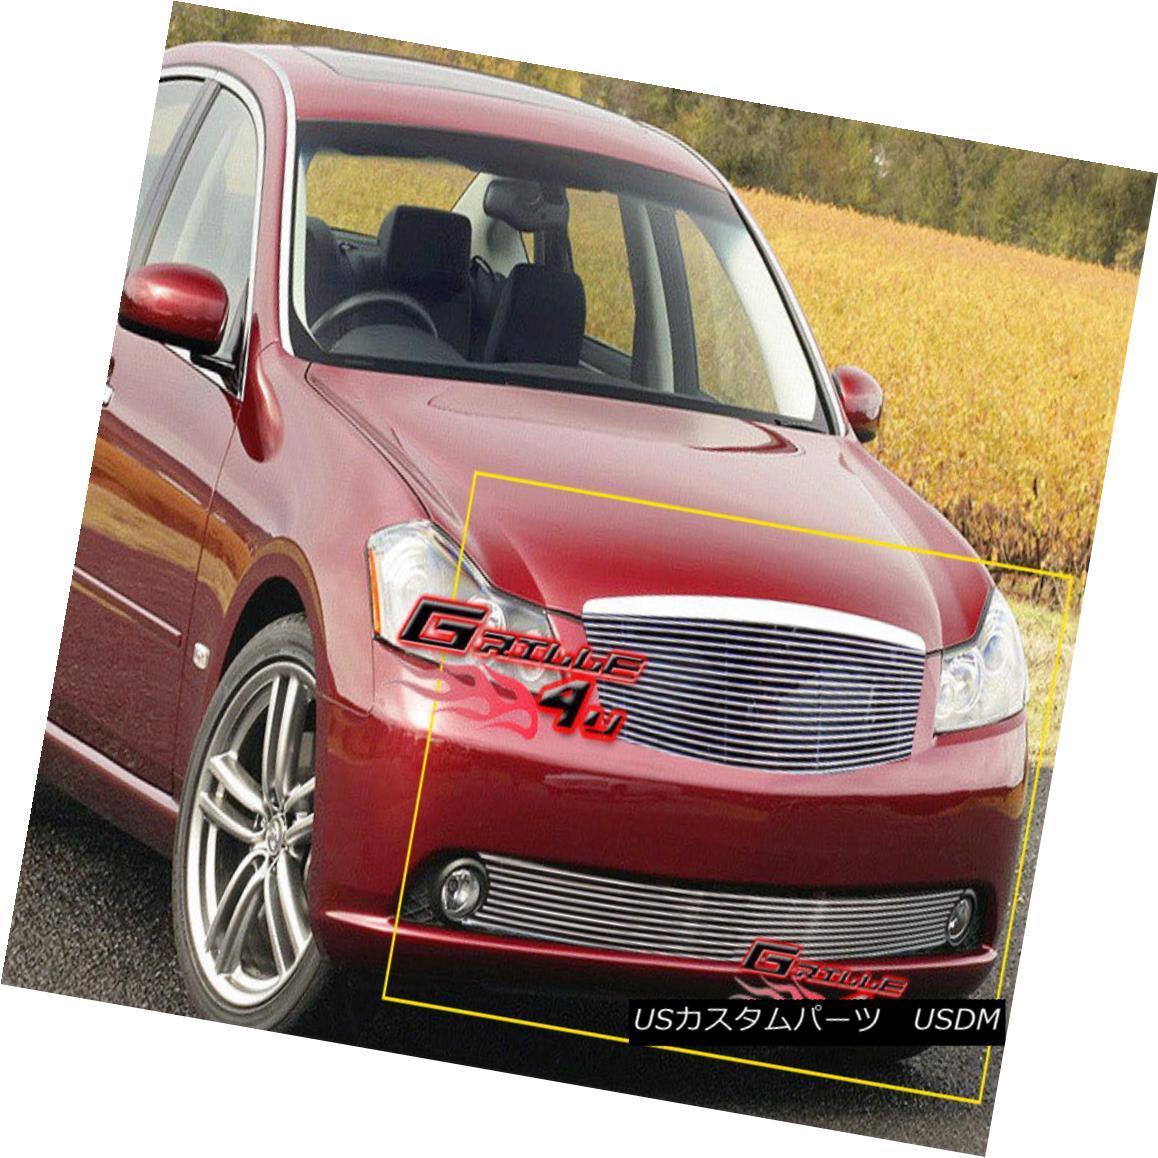 グリル Fits 05-07 Infiniti M35 Sedan Billet Grille Grill Combo Insert フィット05-07インフィニティM35セダンビレットグリルグリルコンボインサート